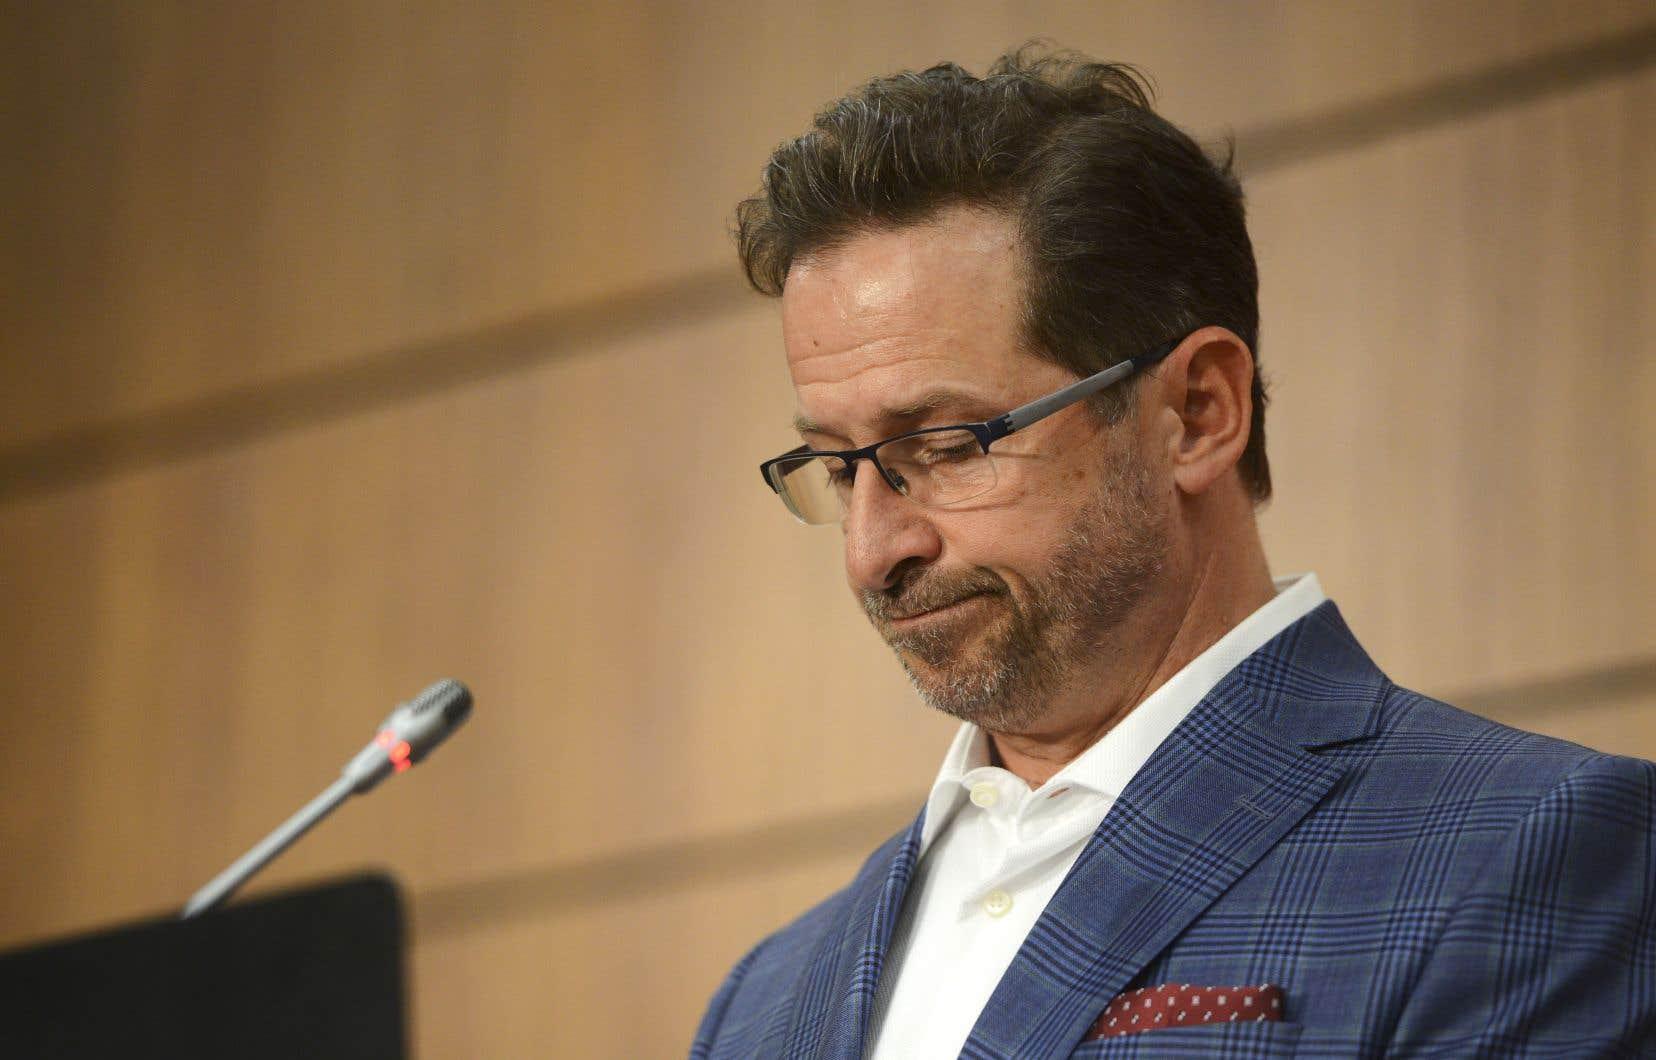 Le chef du Bloc québécois, Yves-François Blanchet, n'a pas voulu ajouter quelque commentaire que ce soit au communiqué de presse diffusé plus tôt par son parti.